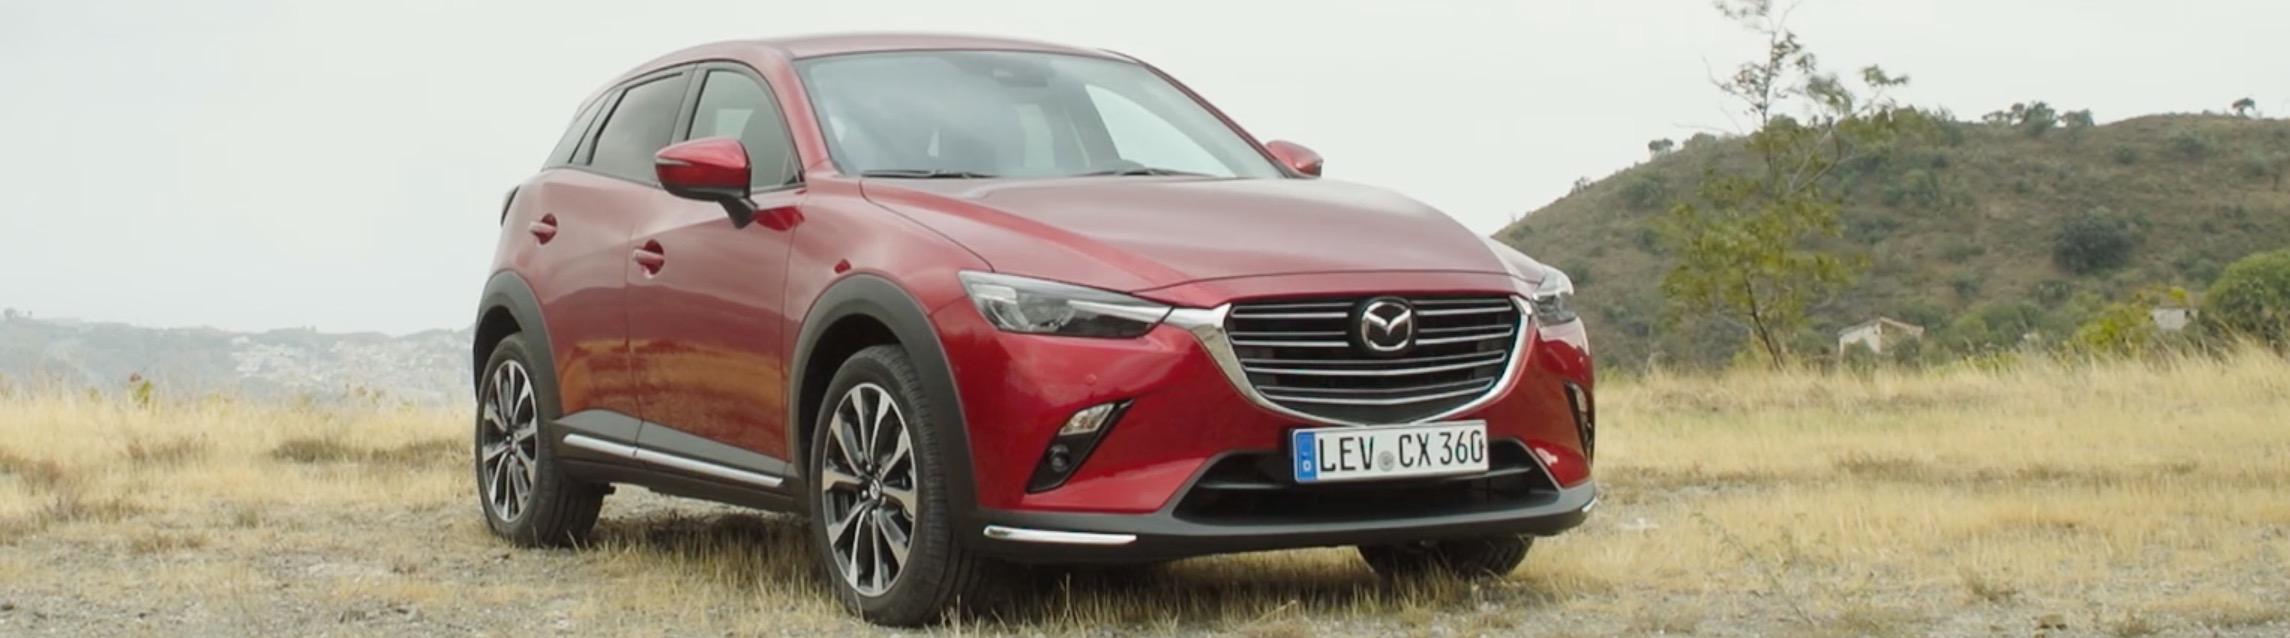 Mazda Cx 3 Facelift Test 2019 Autogefuhl